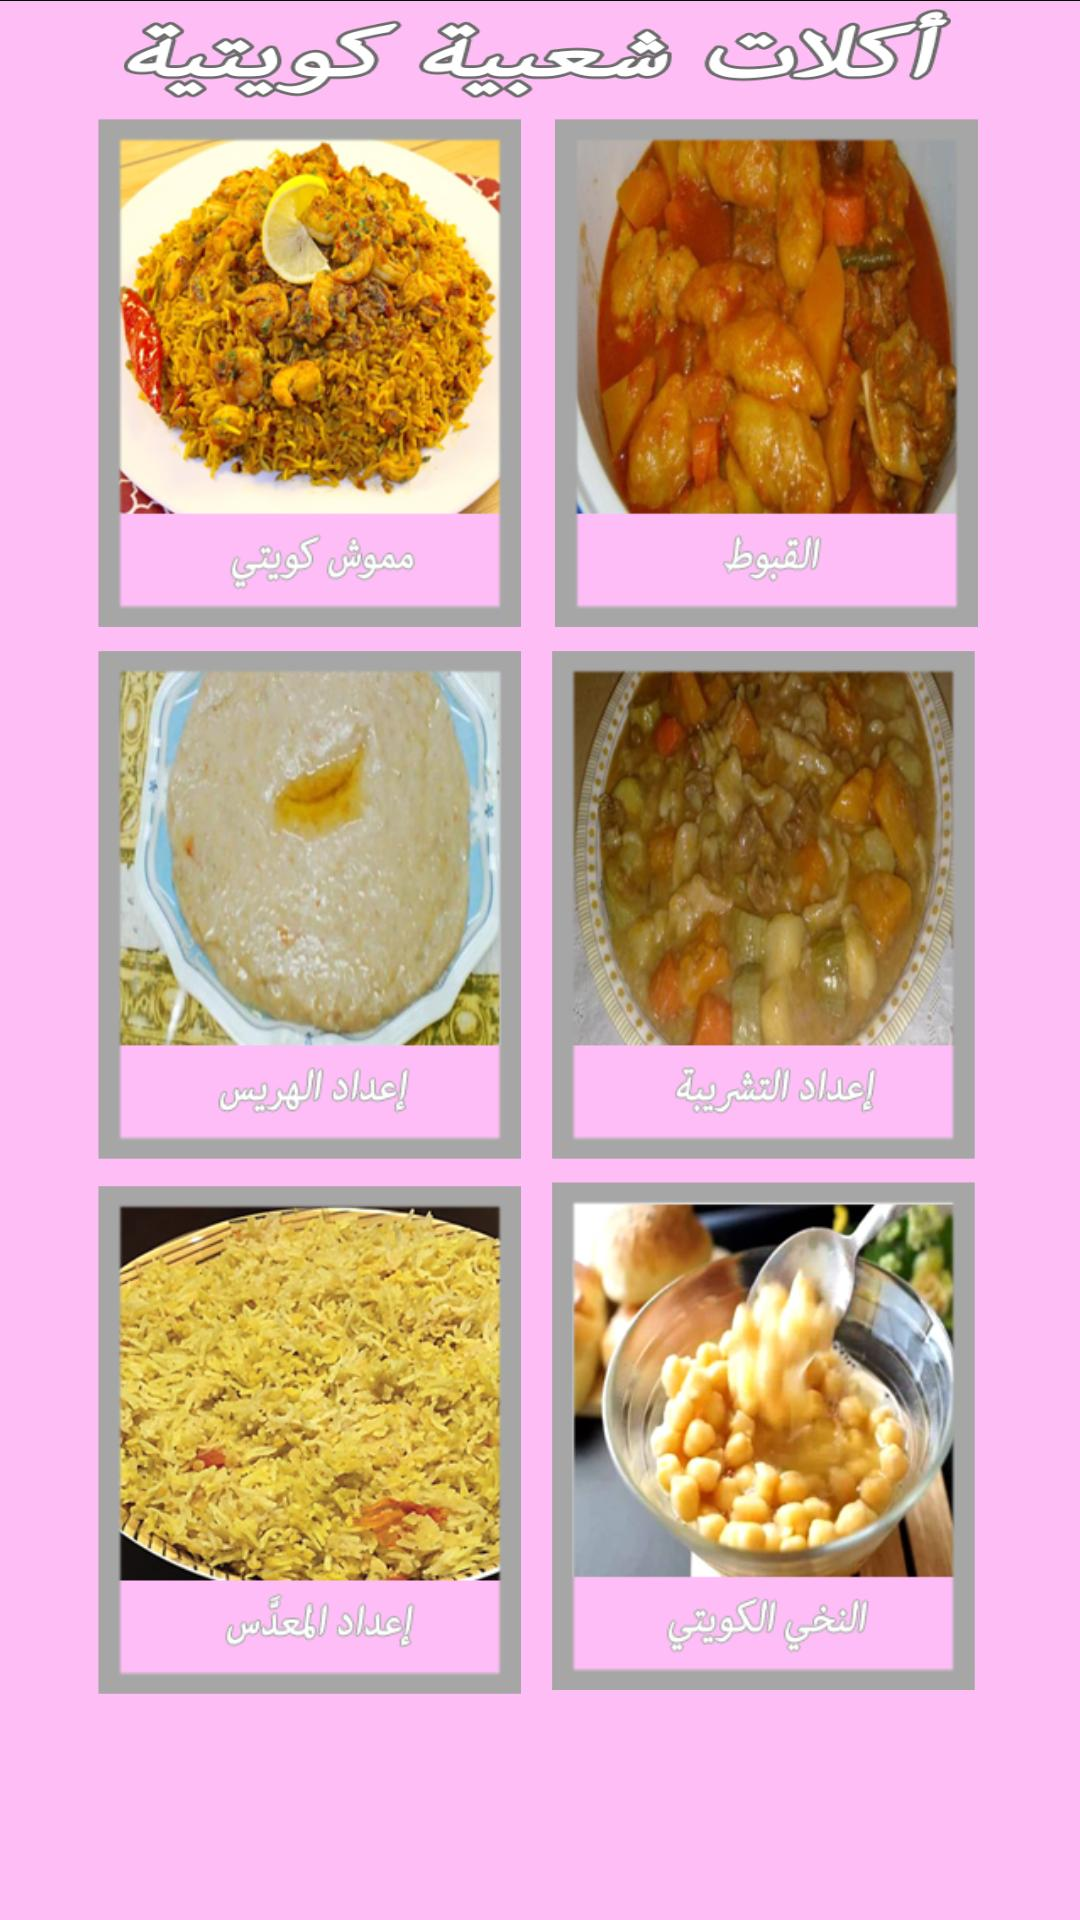 أكلات شعبية كويتية رمضانية 2018 For Android Apk Download